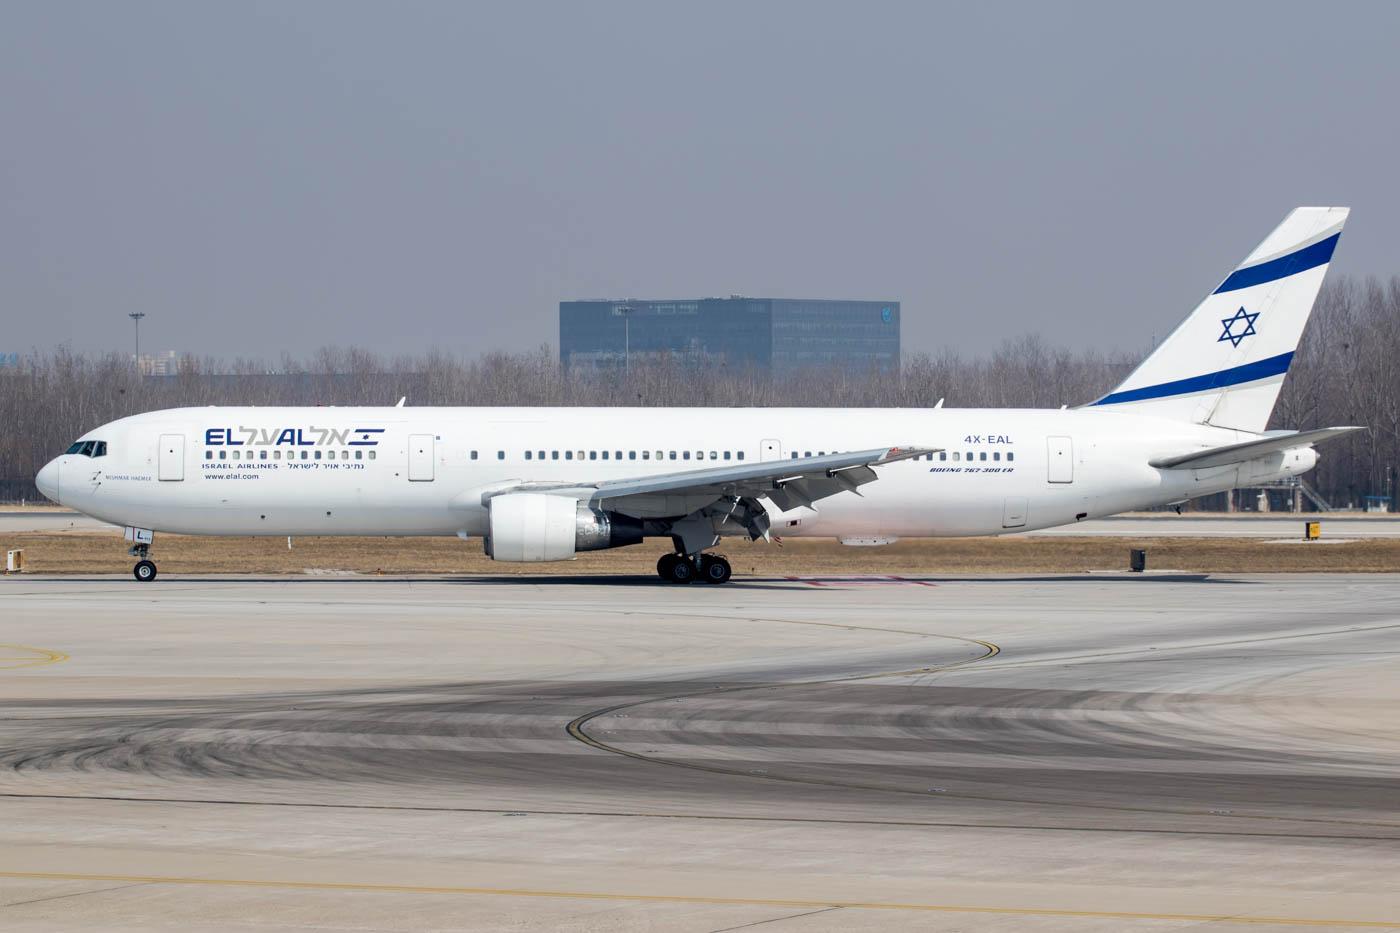 El Al 767-300ER